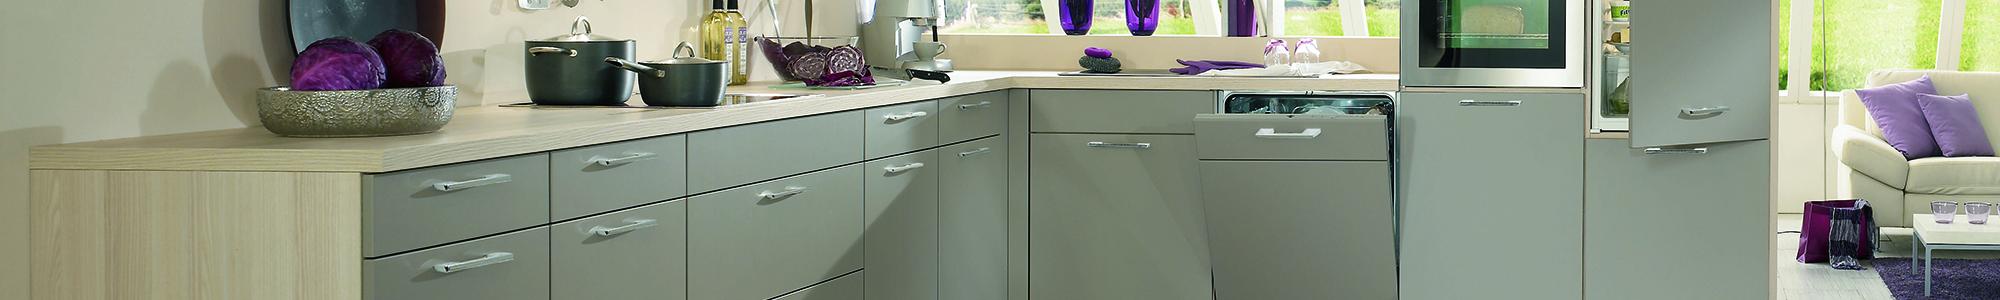 Muebles de cocina – SOLOMAT – cocinas, baños, cerámica ... - photo#10